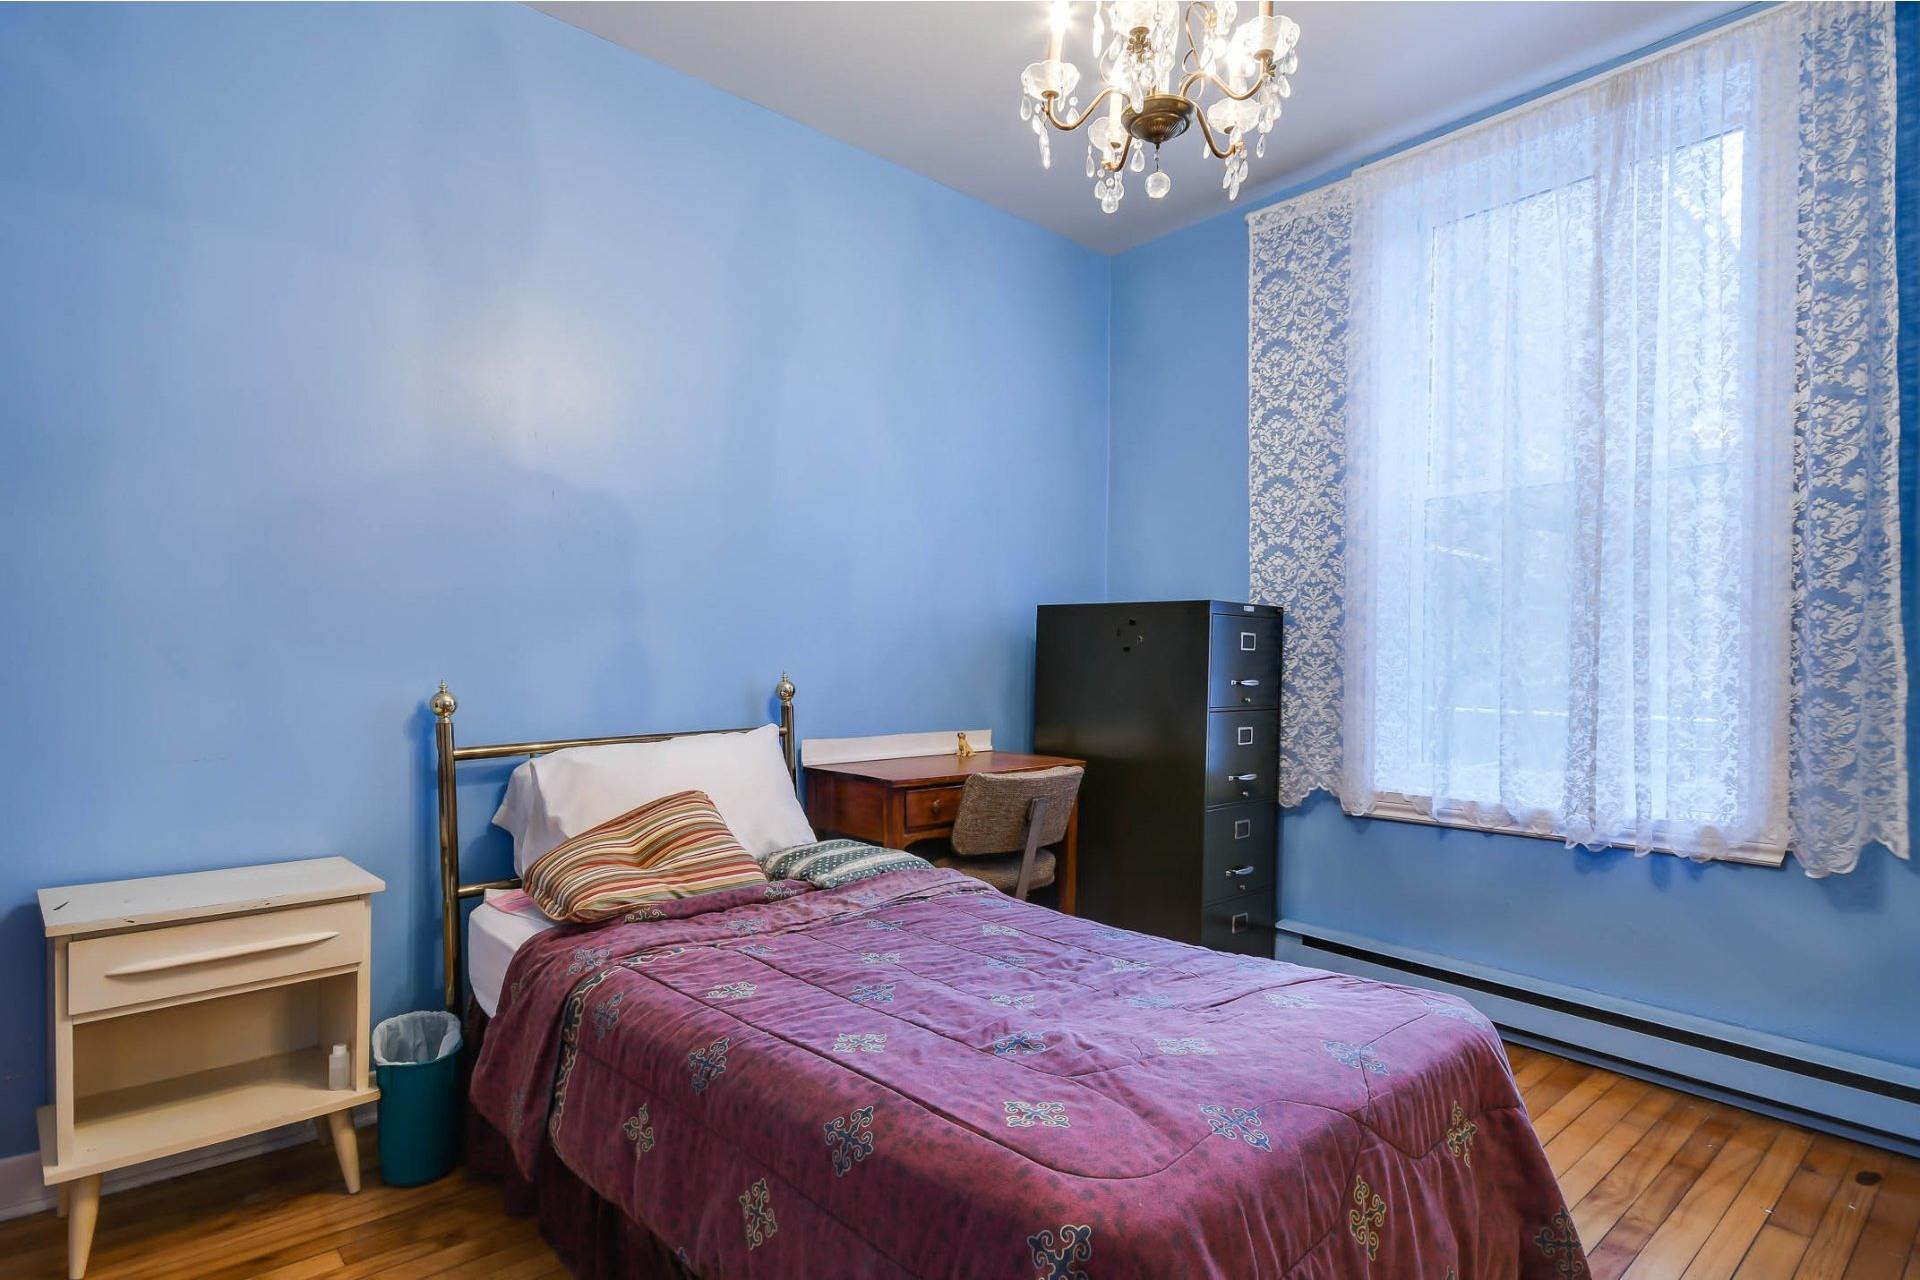 image 9 - Duplex À vendre Rosemont/La Petite-Patrie Montréal  - 5 pièces